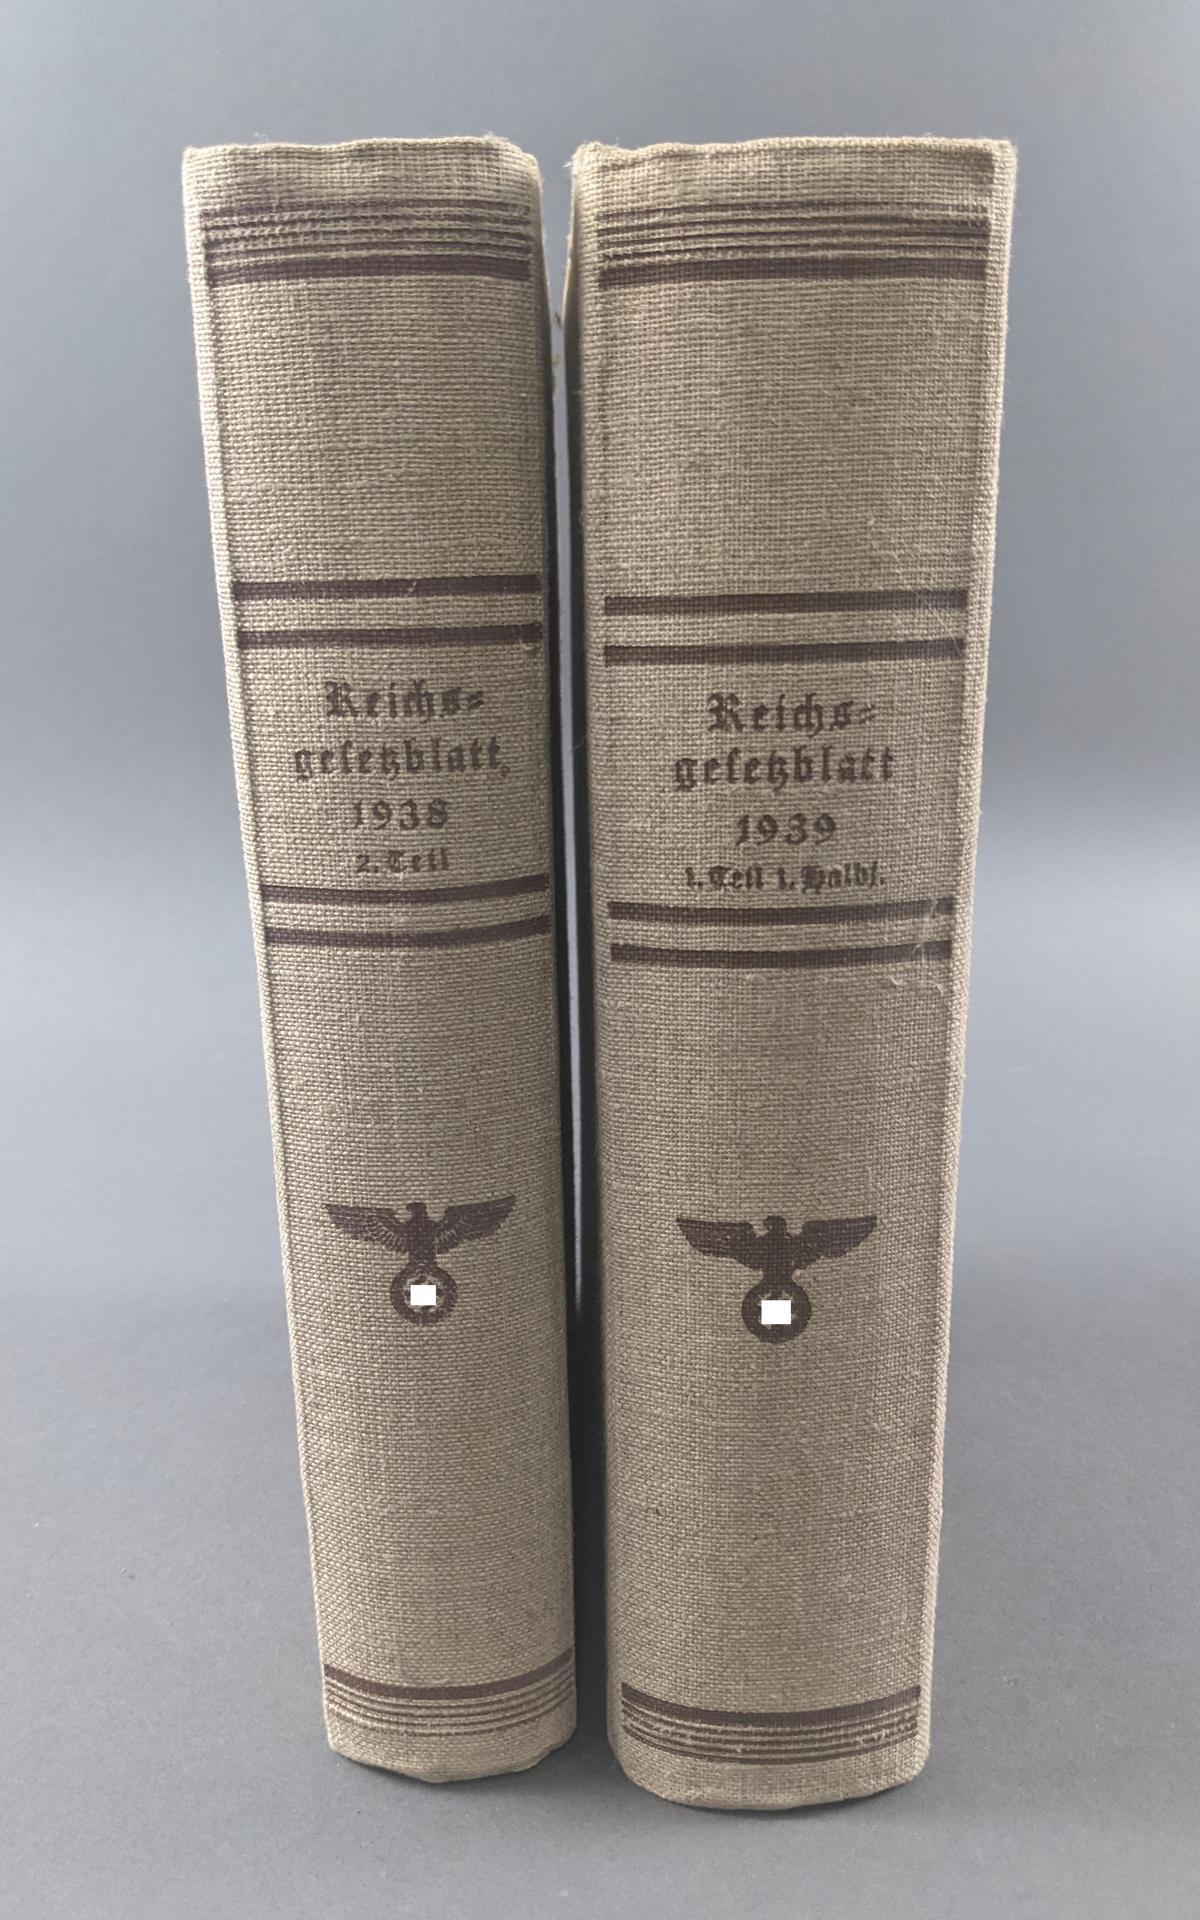 Reichsgesetzblatt, 2 Bände 1938 und 1939-2